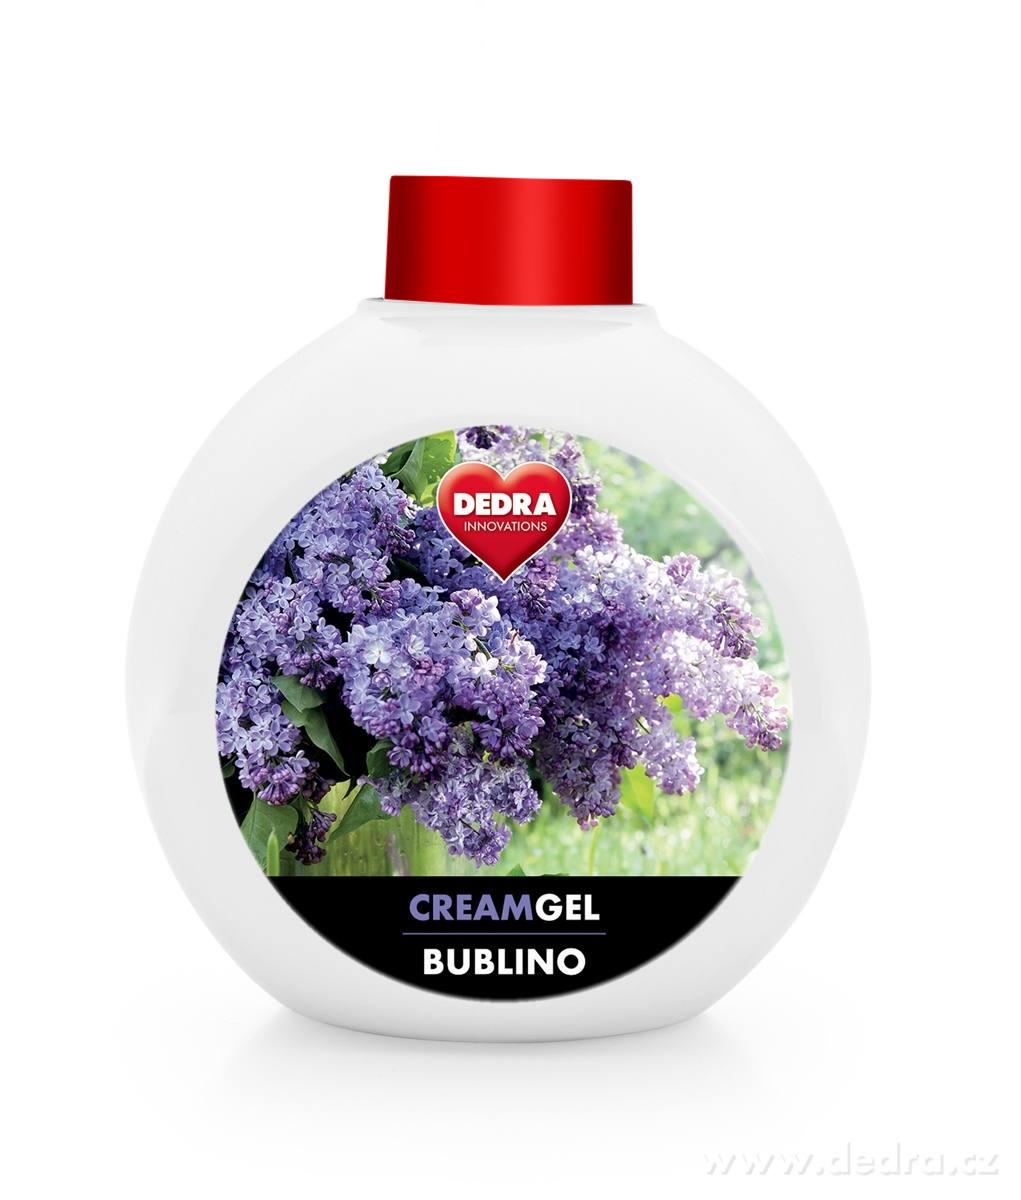 BUBLINO CREAMGEL dolce lilla, tekuté mýdlo na tělo i ruce, bez pumpičky